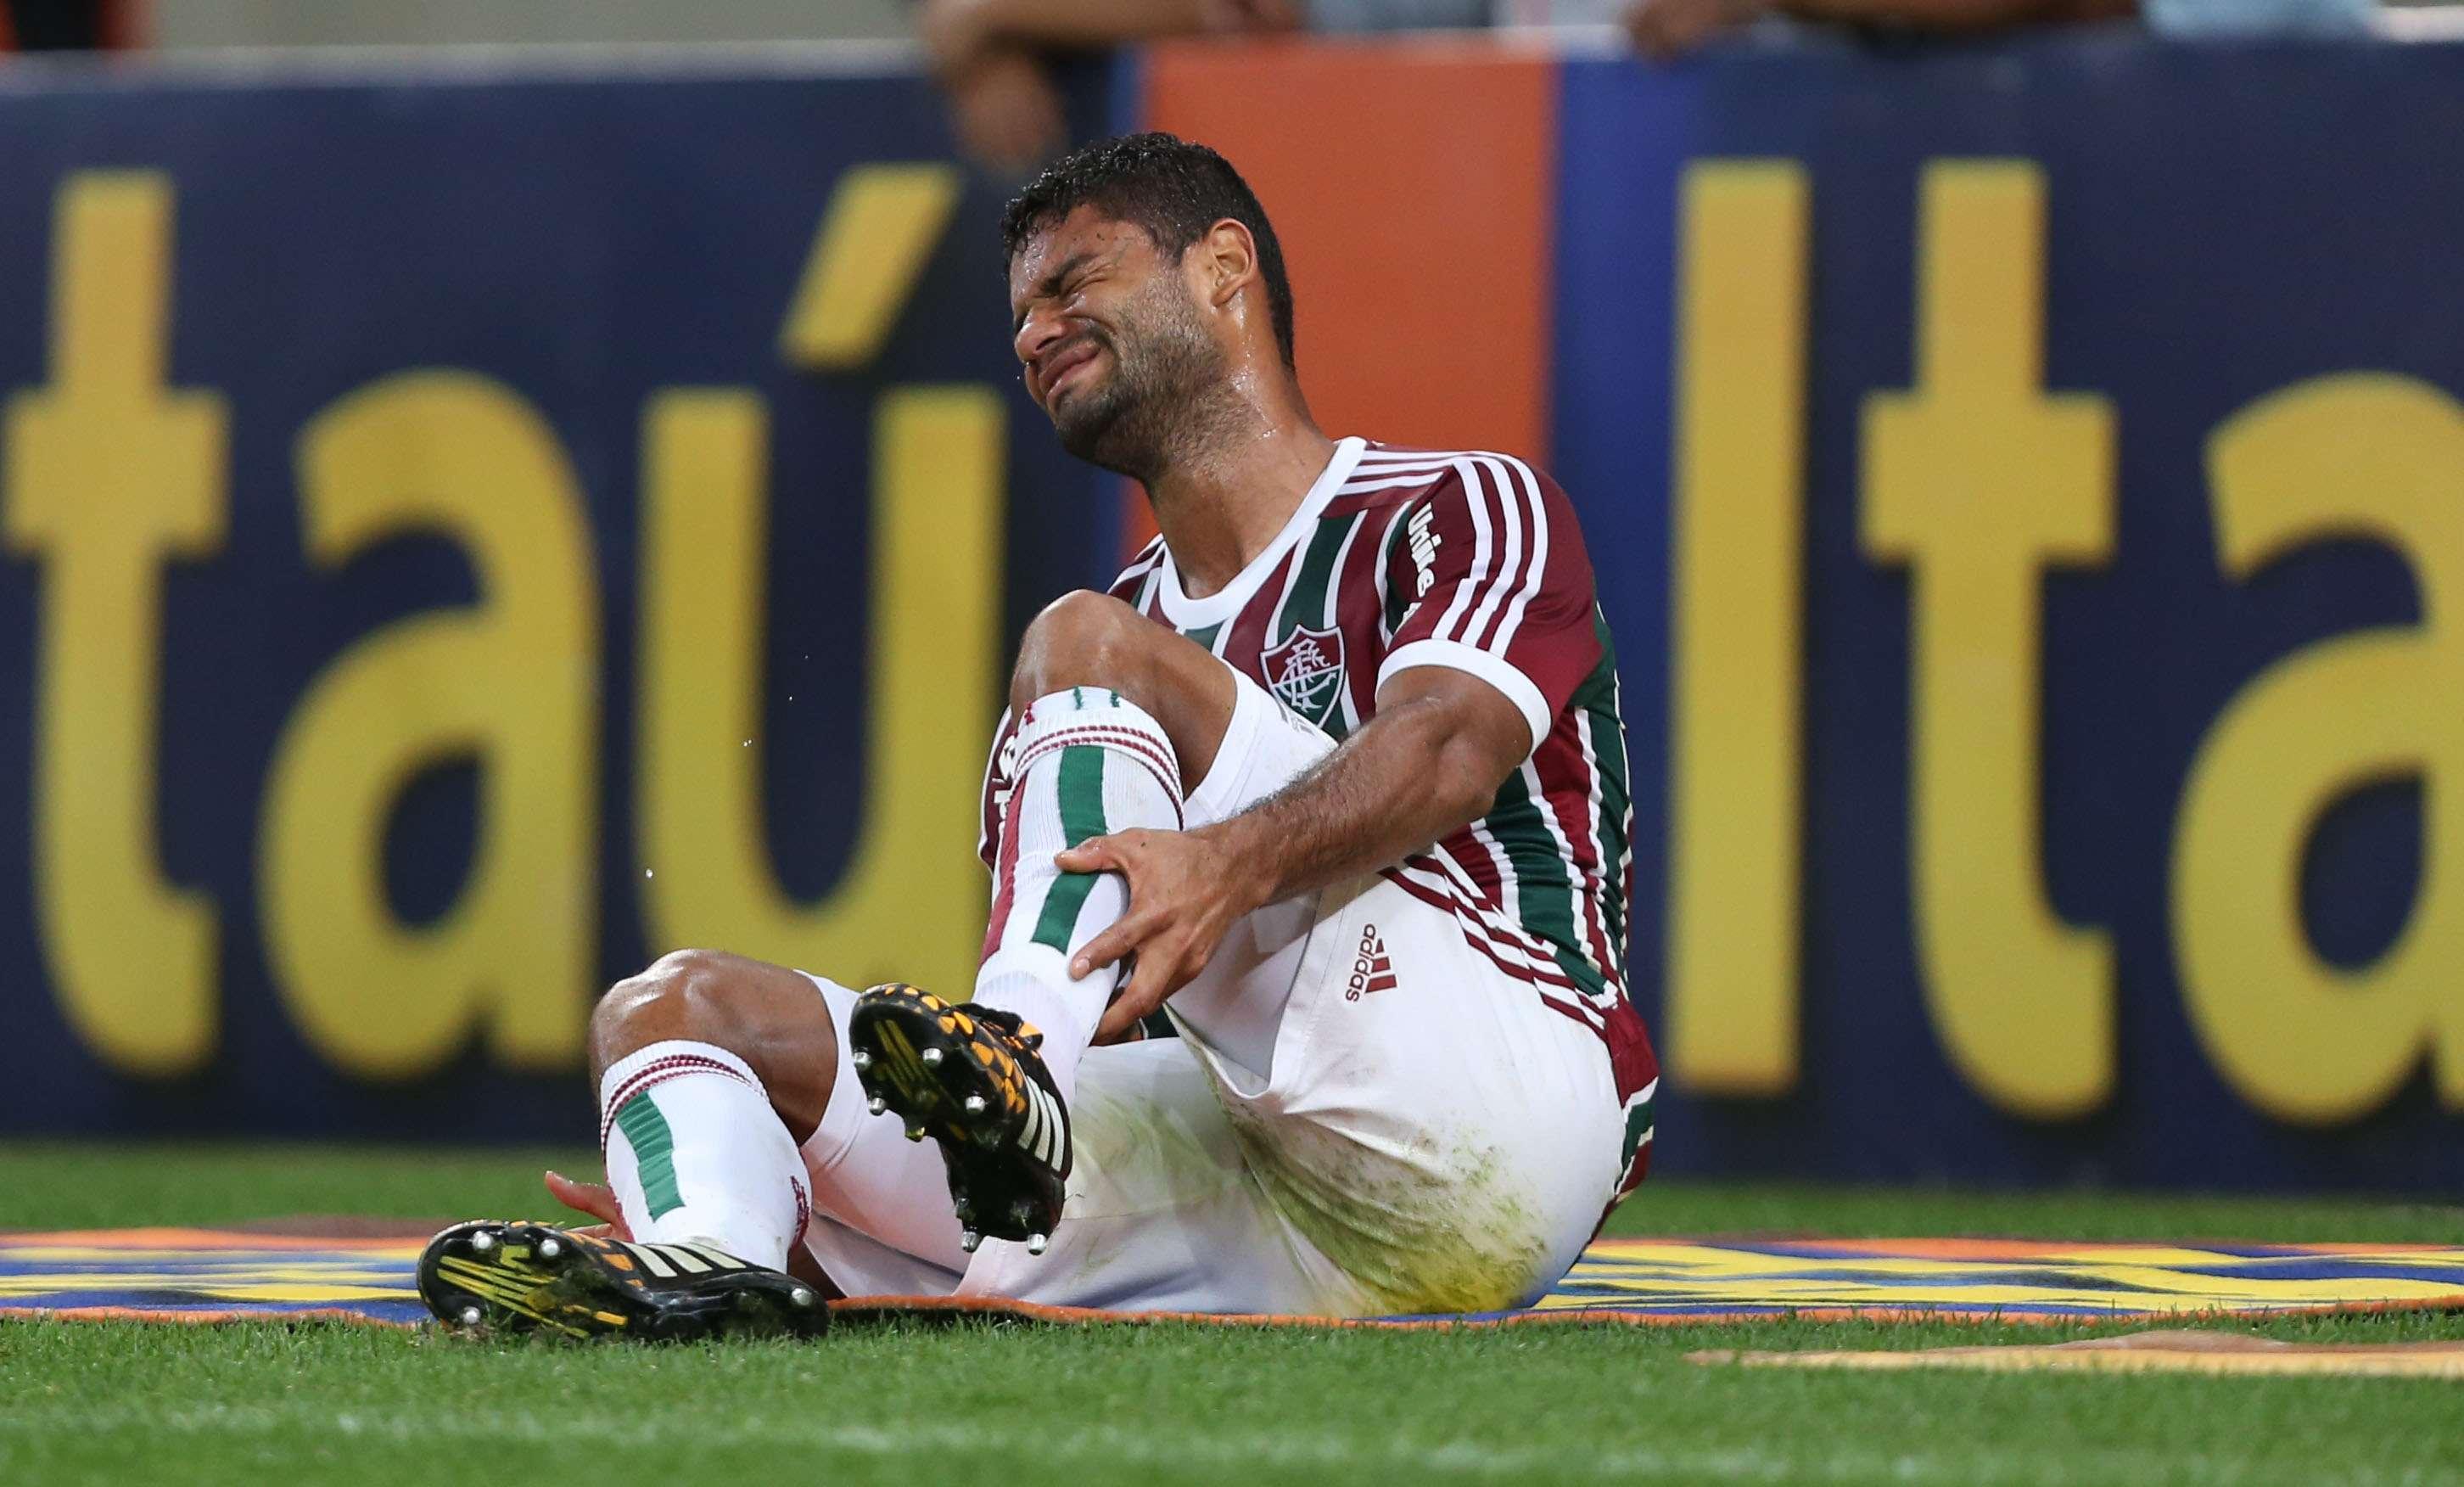 Gum sentiu uma lesão e acabou substituído por Fabrício Foto: Nelson Perez/Divulgação